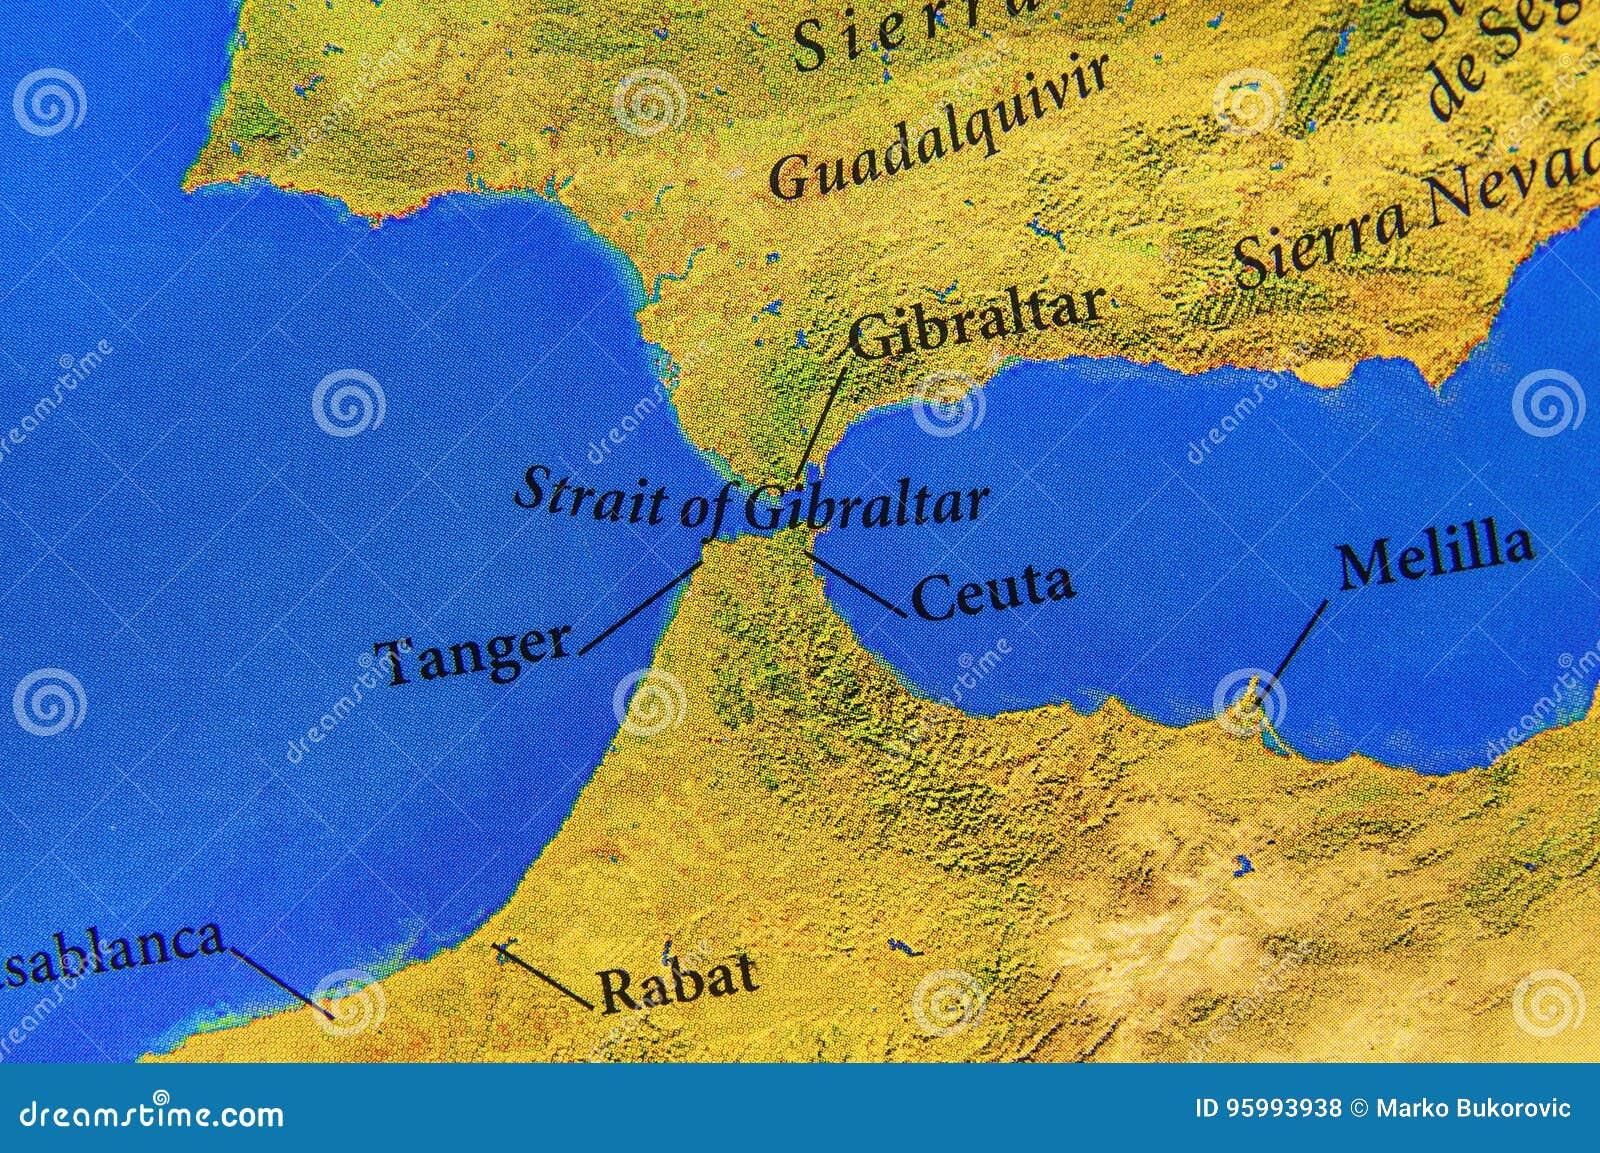 estreito gibraltar mapa Mapa Geográfico Do Estreito De Gibraltar Europeu Foto de Stock  estreito gibraltar mapa